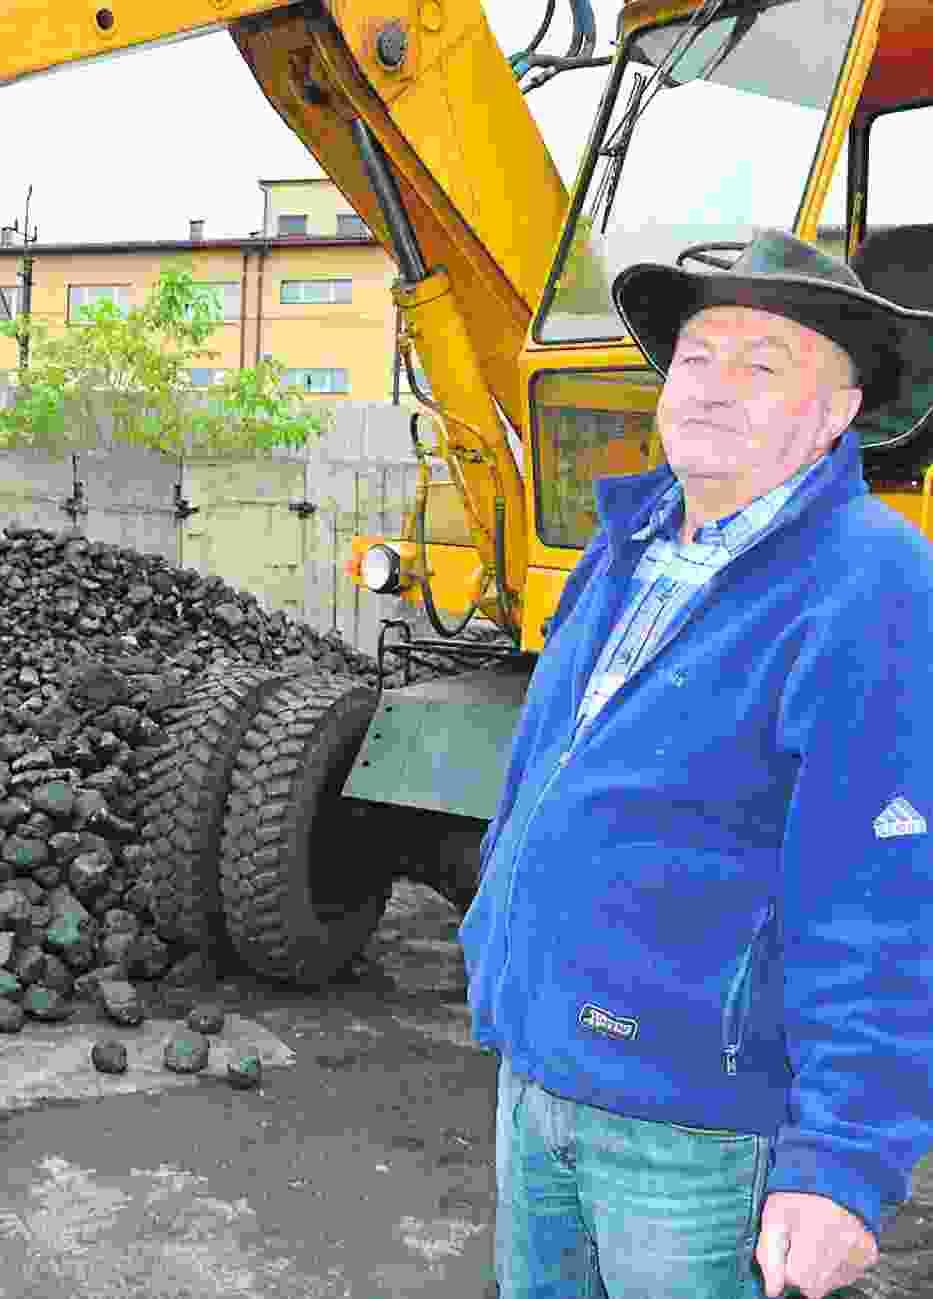 Wczoraj do składu opału Jerzego Czopa dostarczono około 27 ton węgla